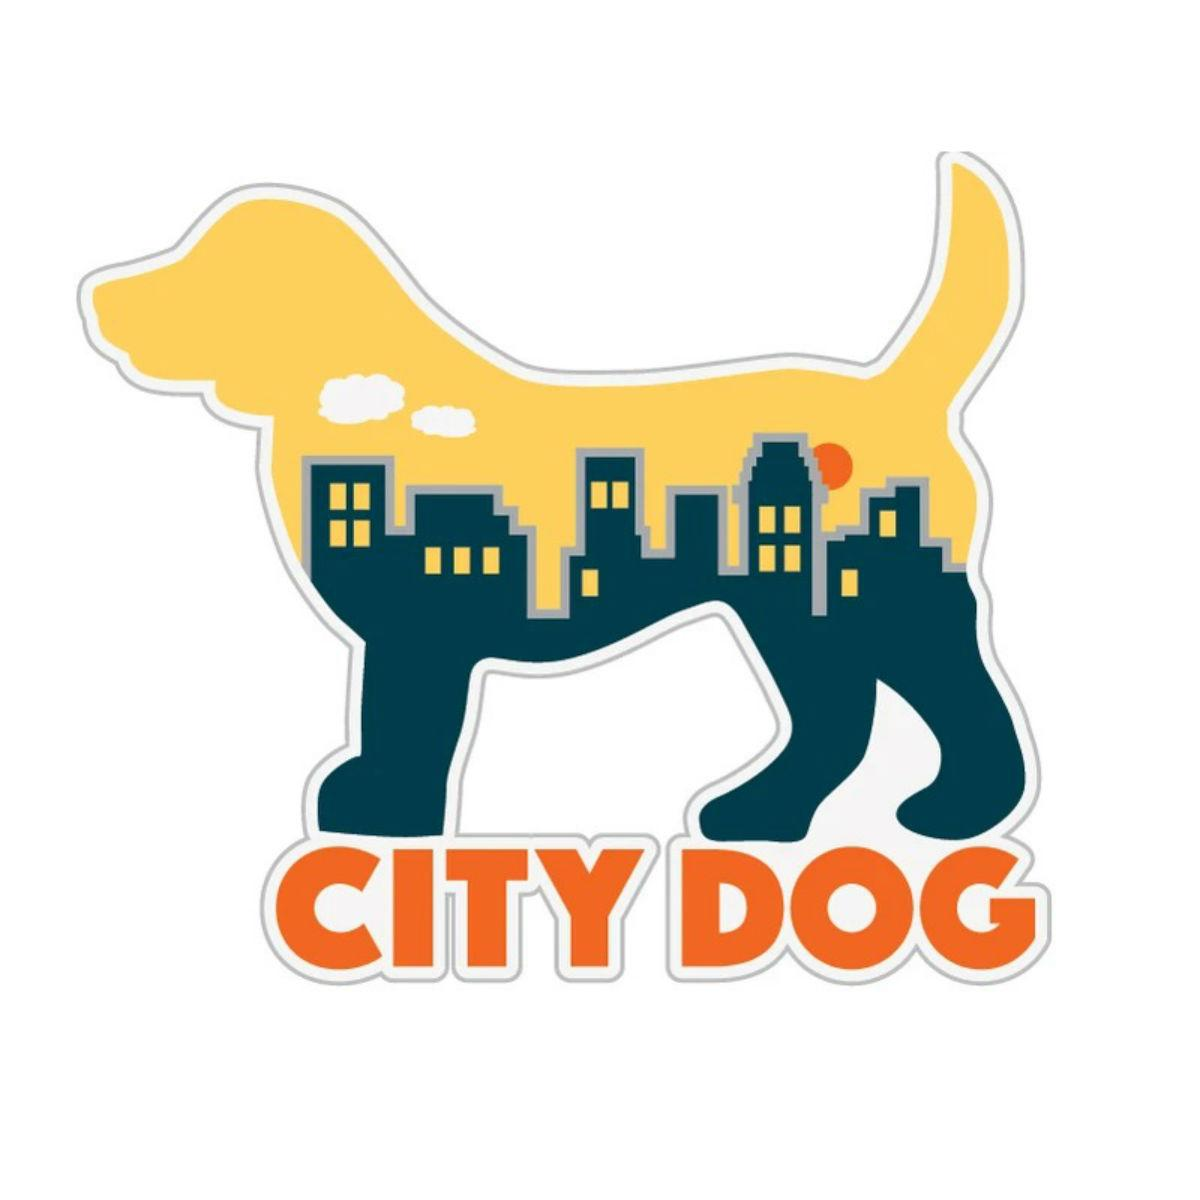 City Dog Sticker by Dog Speak